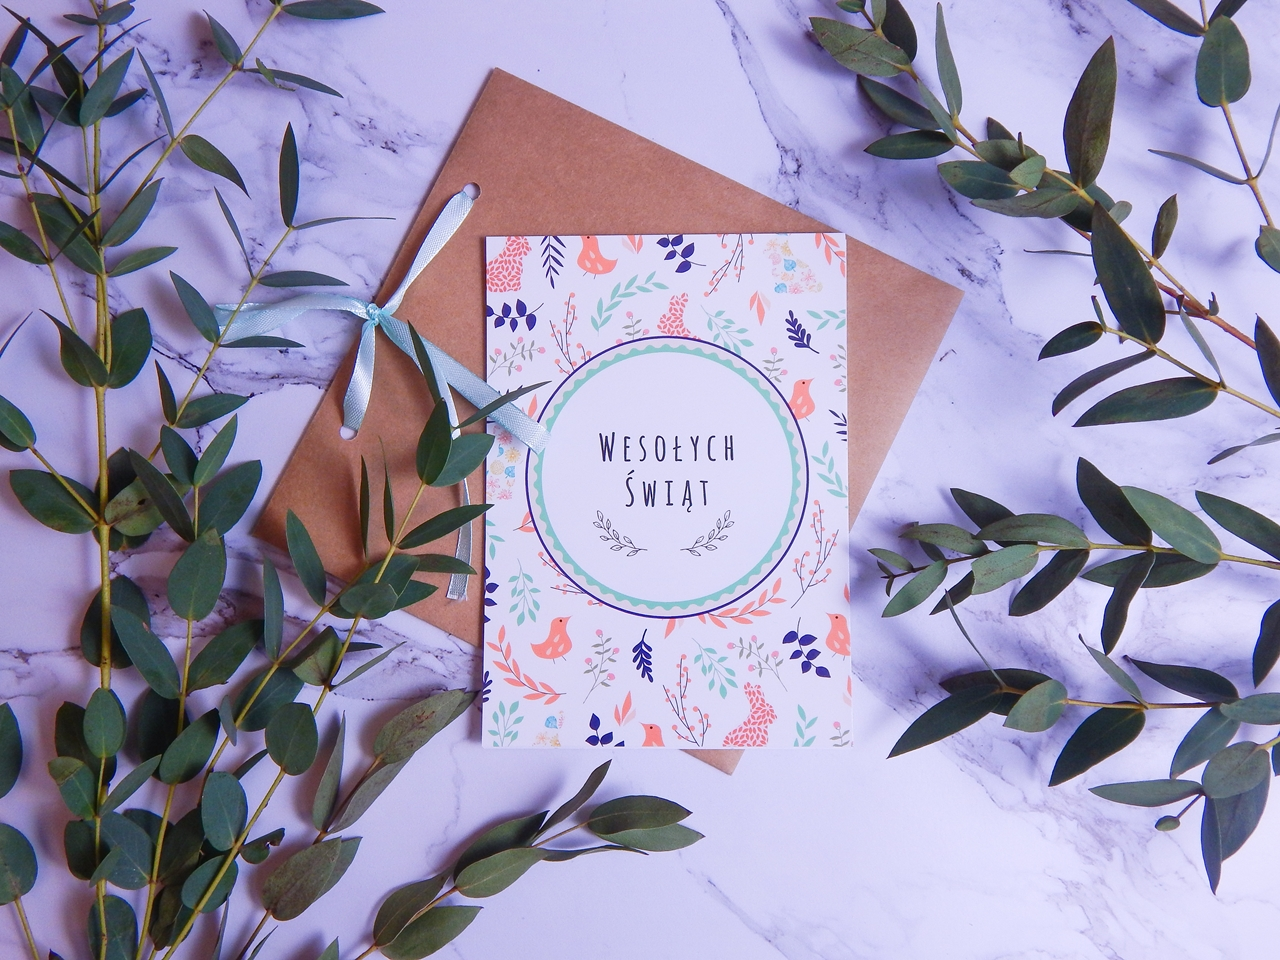 15 colour.me colourme colour me wizytówki druk wizytówek notesów kompleksowa obsługa firm gdzie wydrukować wizytówki zaproszenia kartki świąteczne melodylaniella spersonalizowane gadżety dla firm